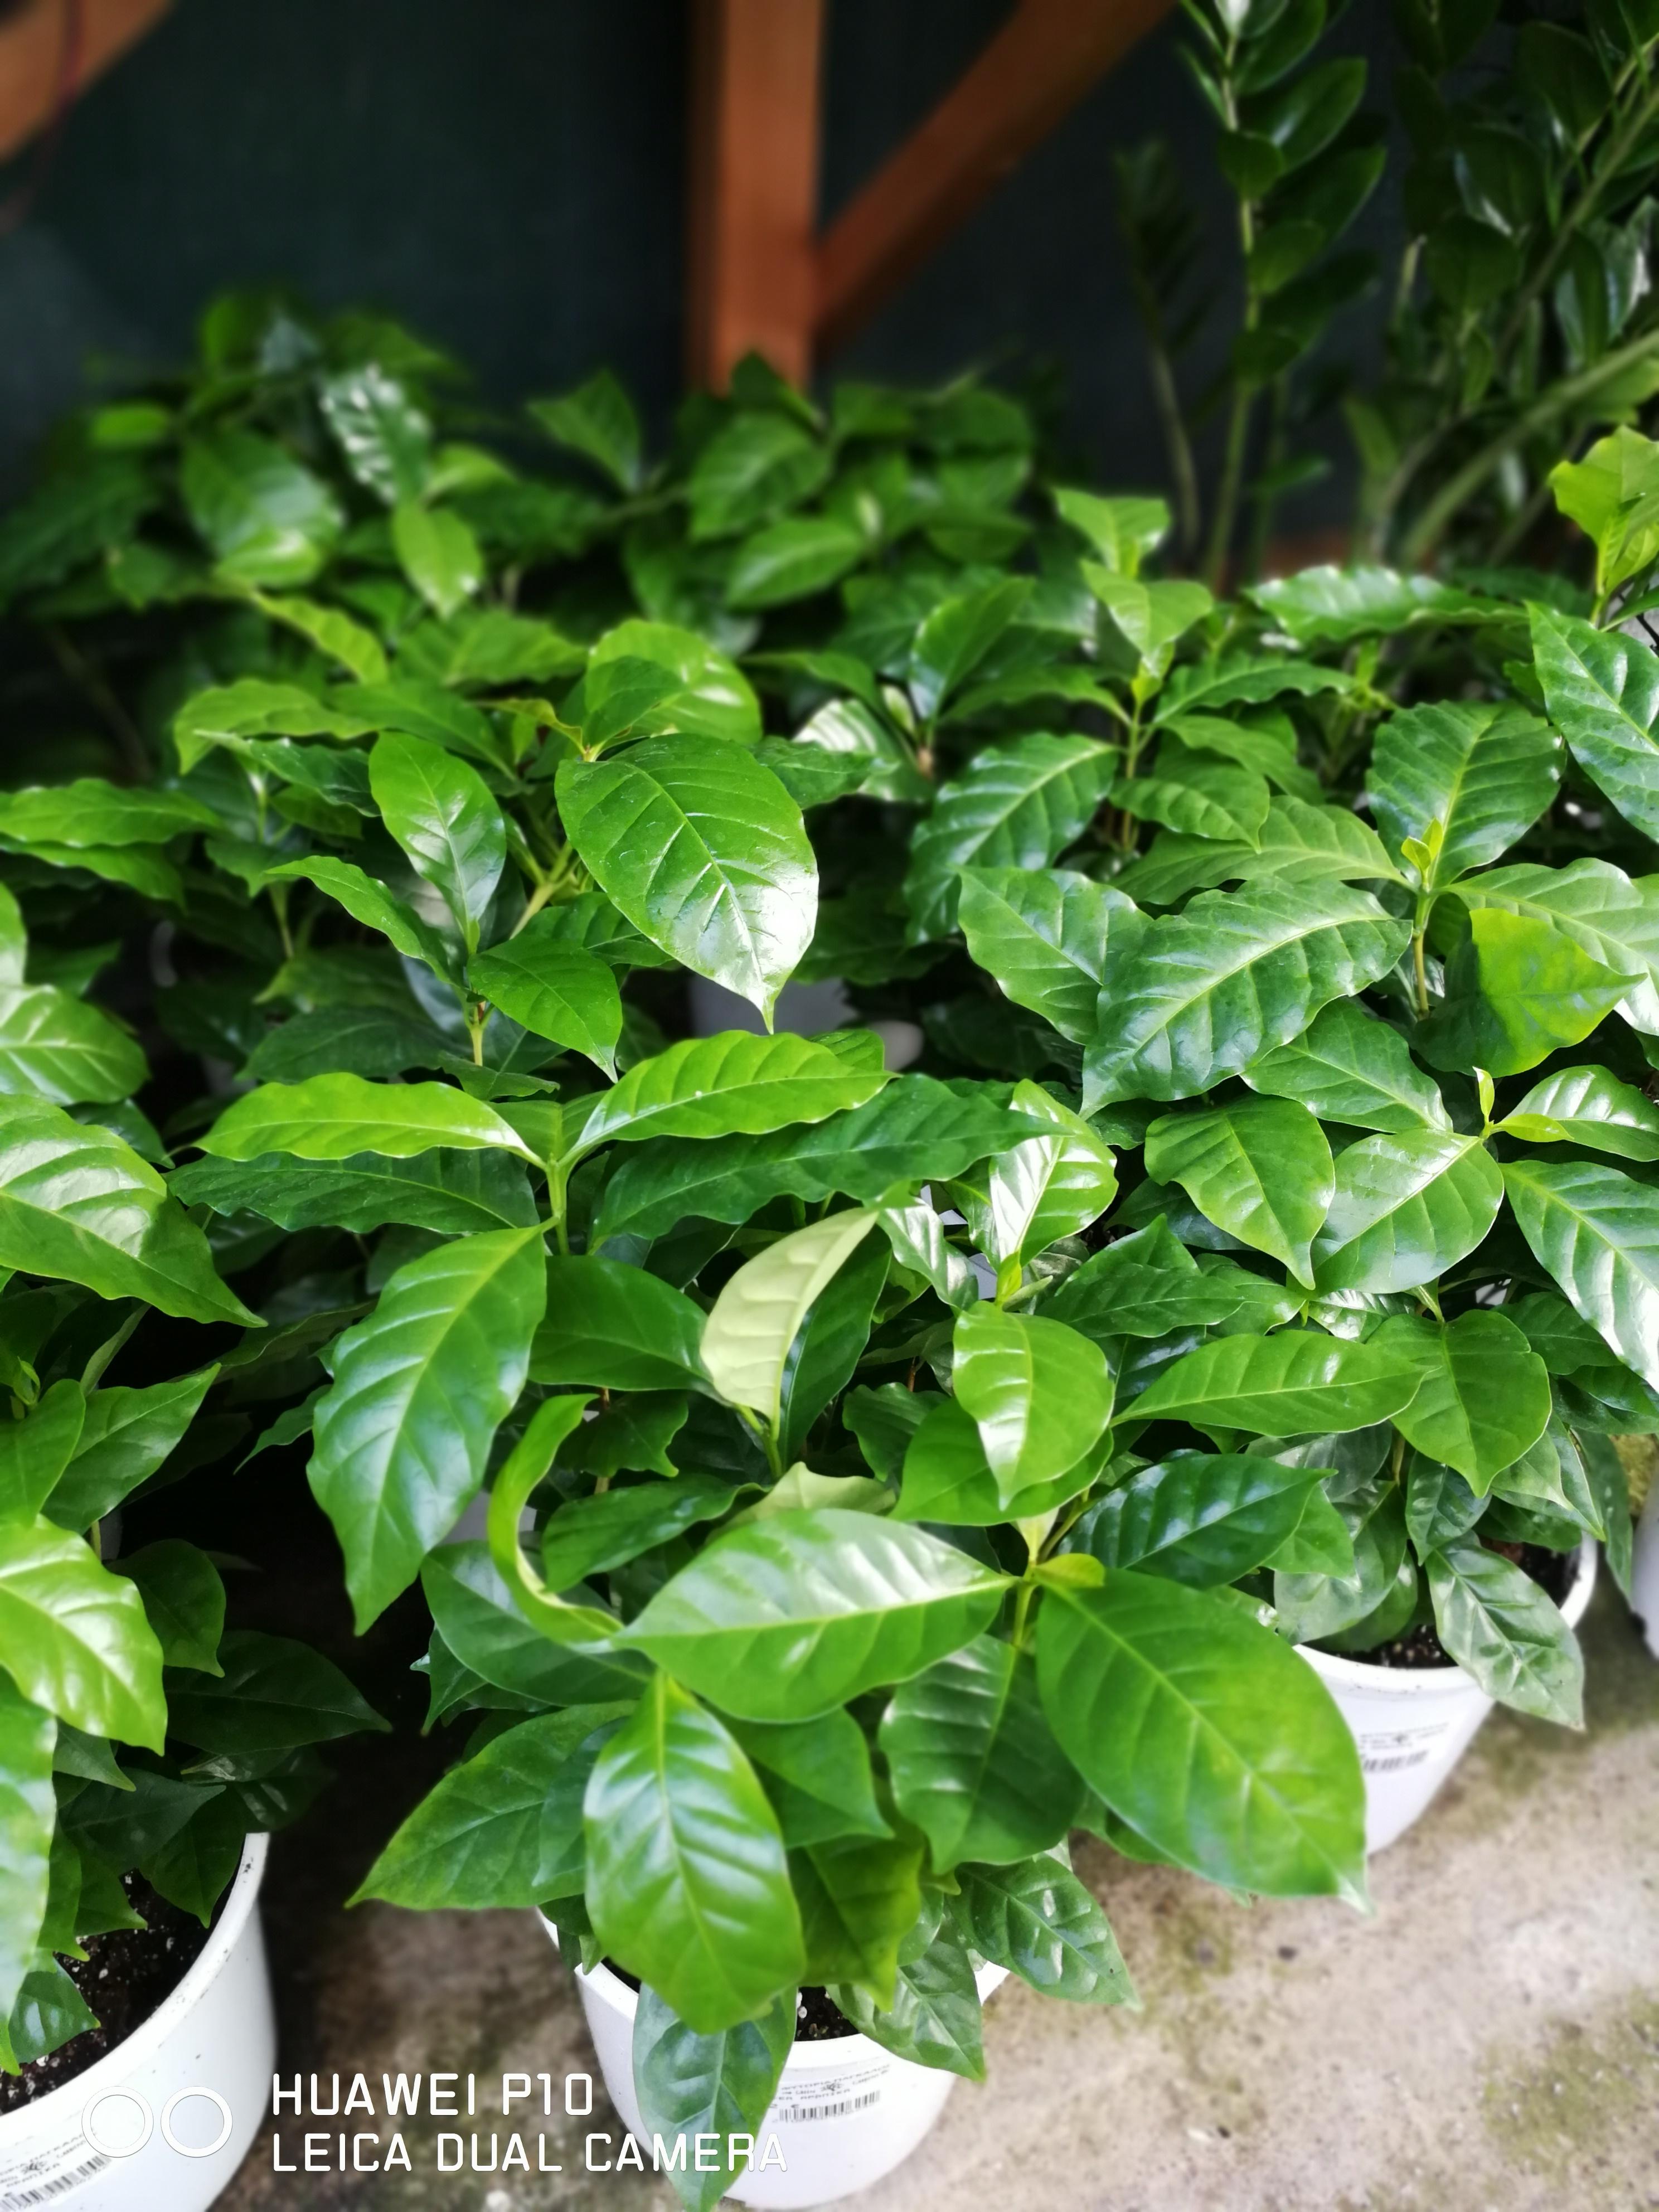 Η Κοφέα αράμπικα, Coffea arabica, προέρχεται από την Αιθιοπία, ενώ η Coffea canephora από την Ουγκάντα. Καλλιεργείται εντατικά στη λατινική Αμερική και στην Αφρική.